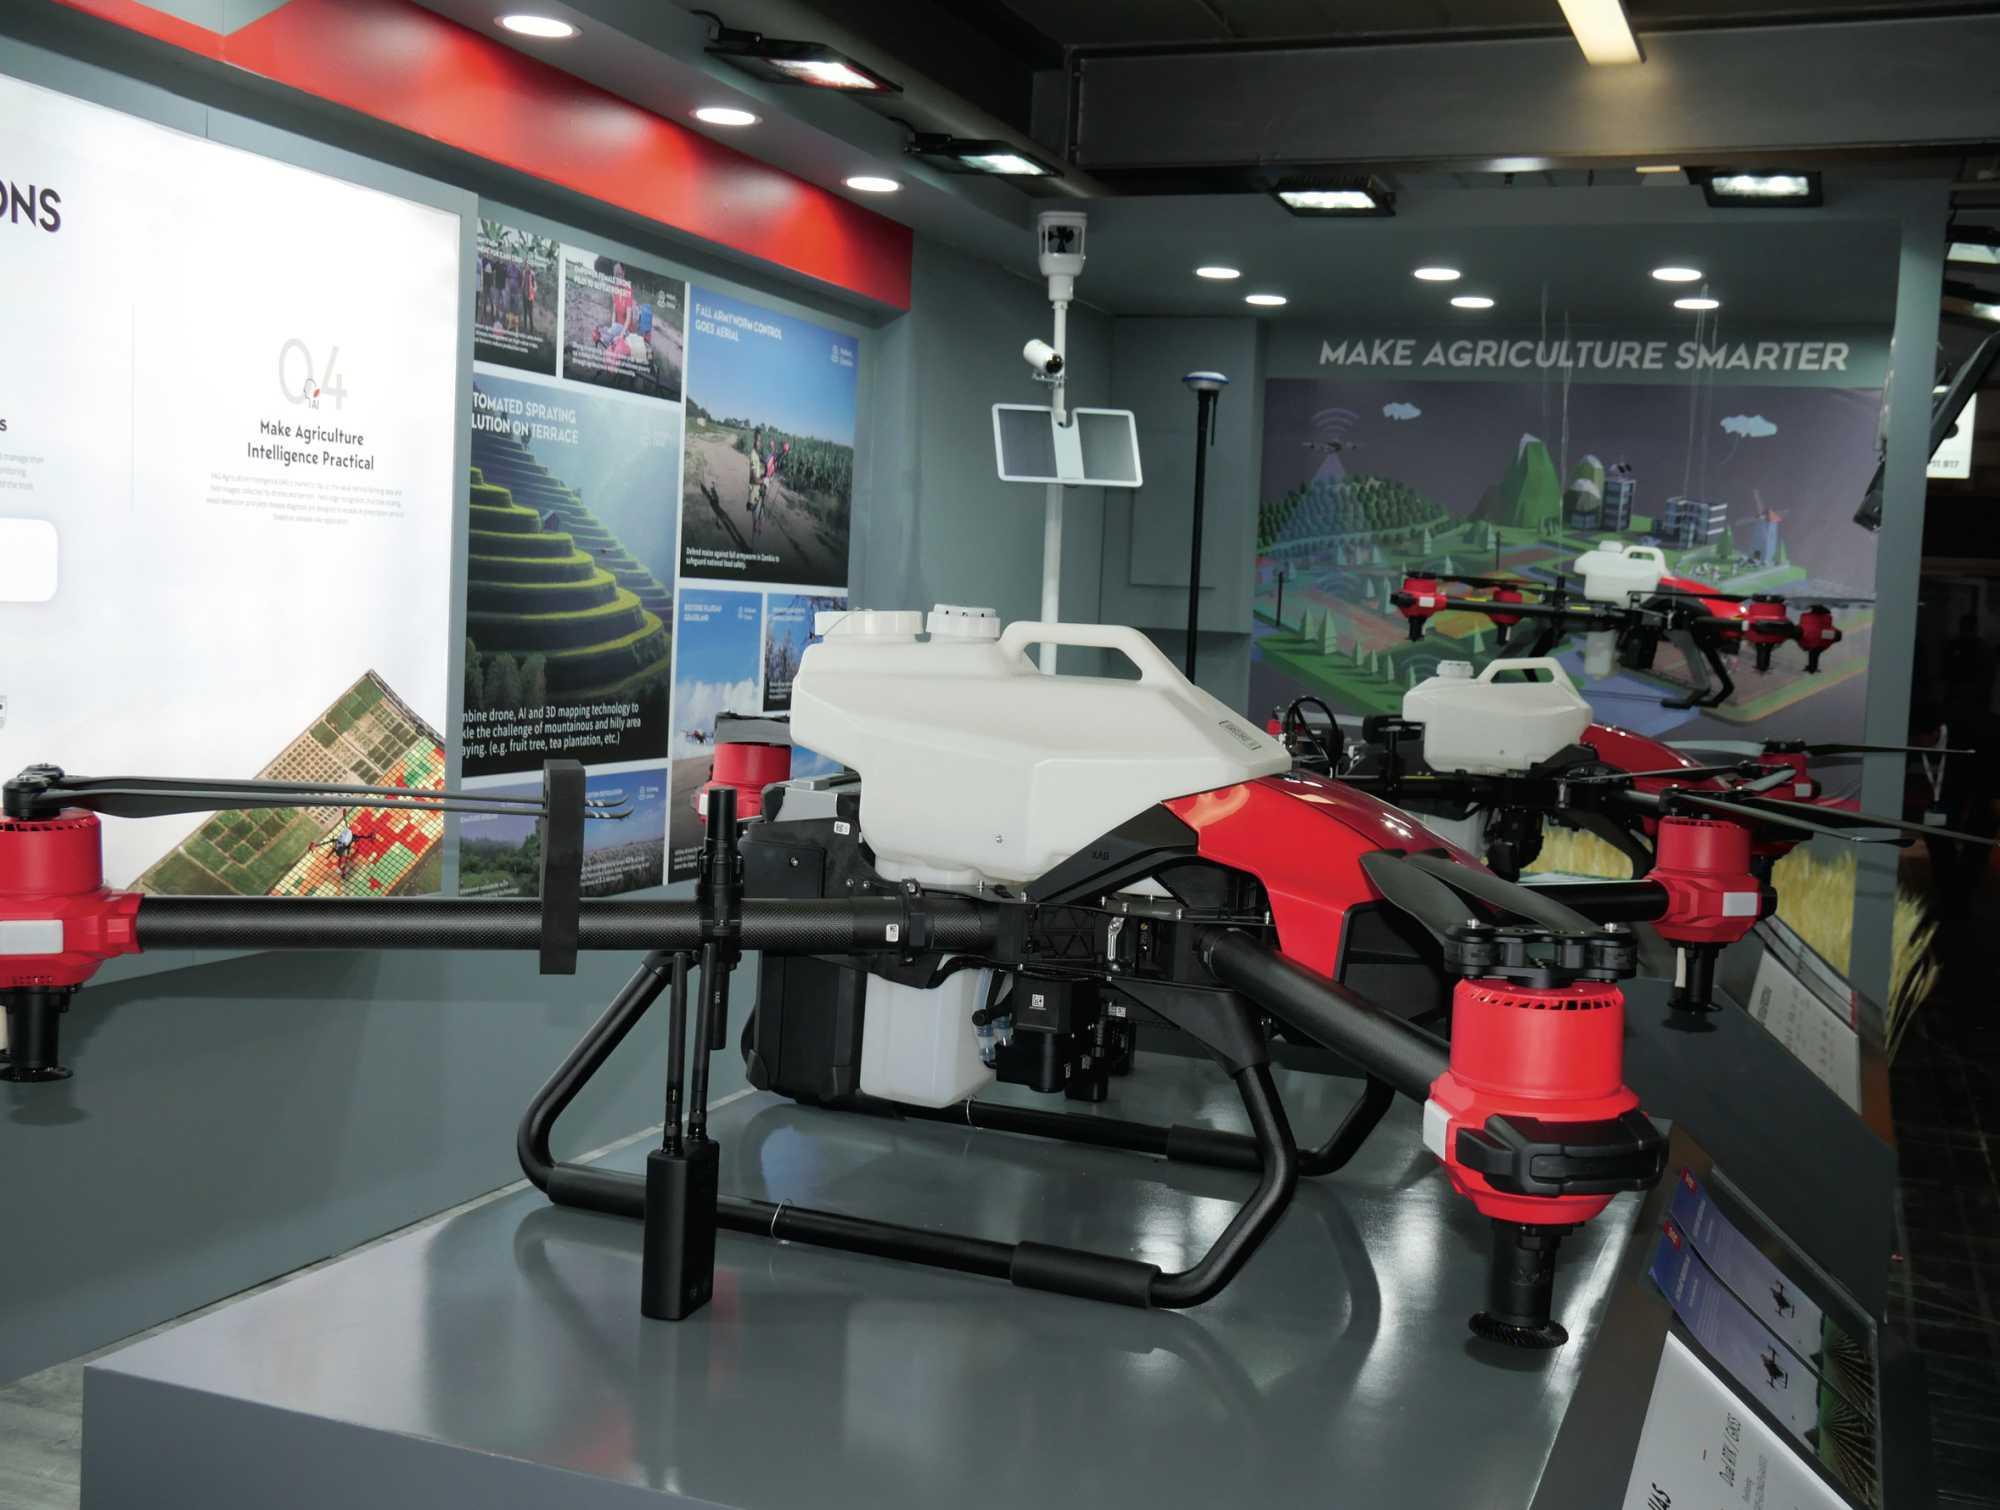 In Ostasien und Südamerika verspritzen Drohnen schon heute Pflanzenschutzmittel aus der Luft.